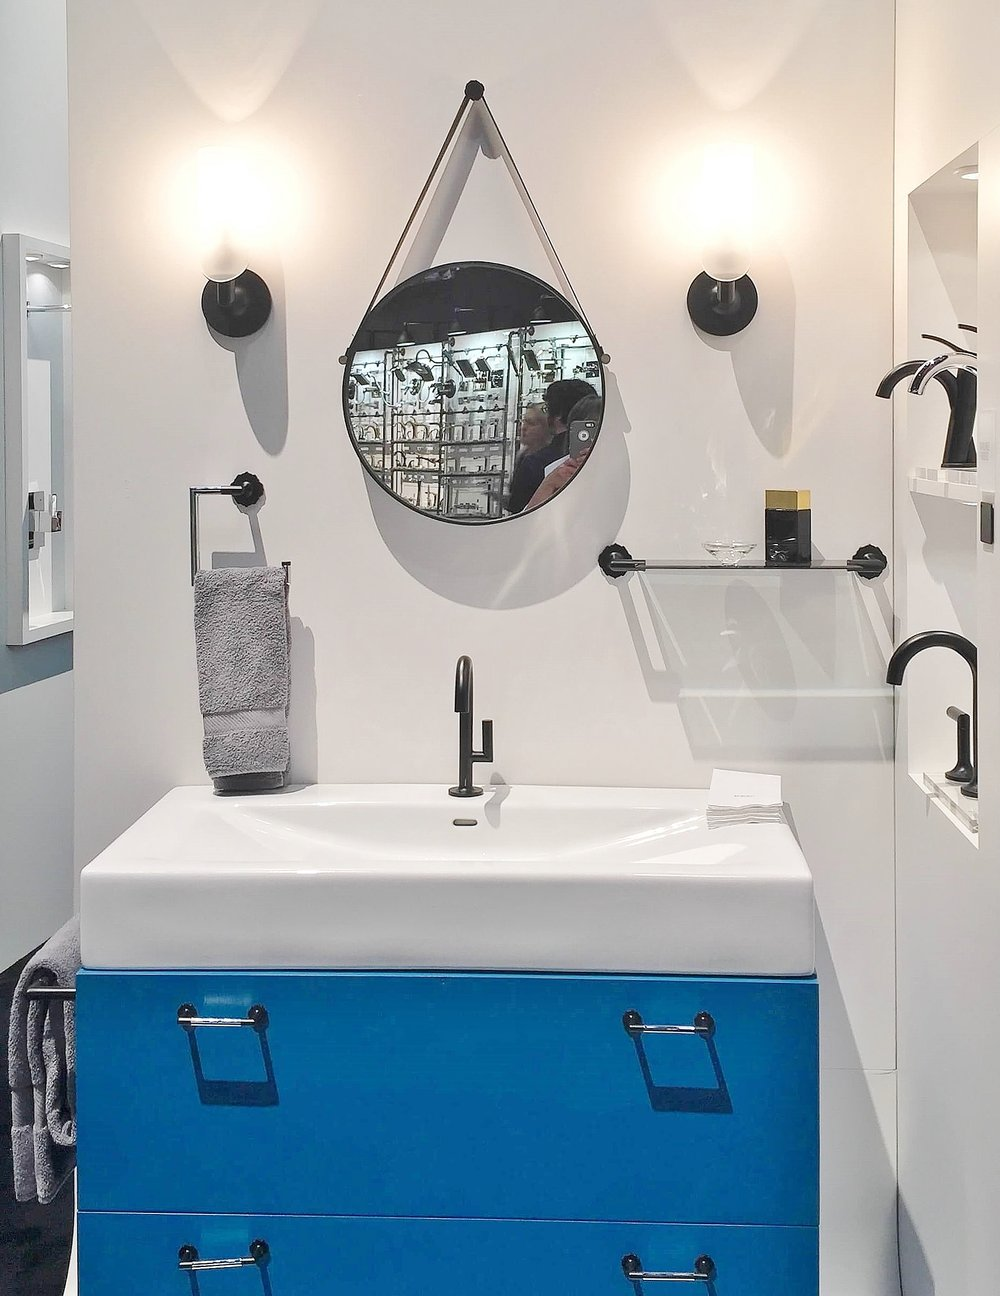 Black Bathroom Faucets Fixtures, Best Bathroom Fixtures